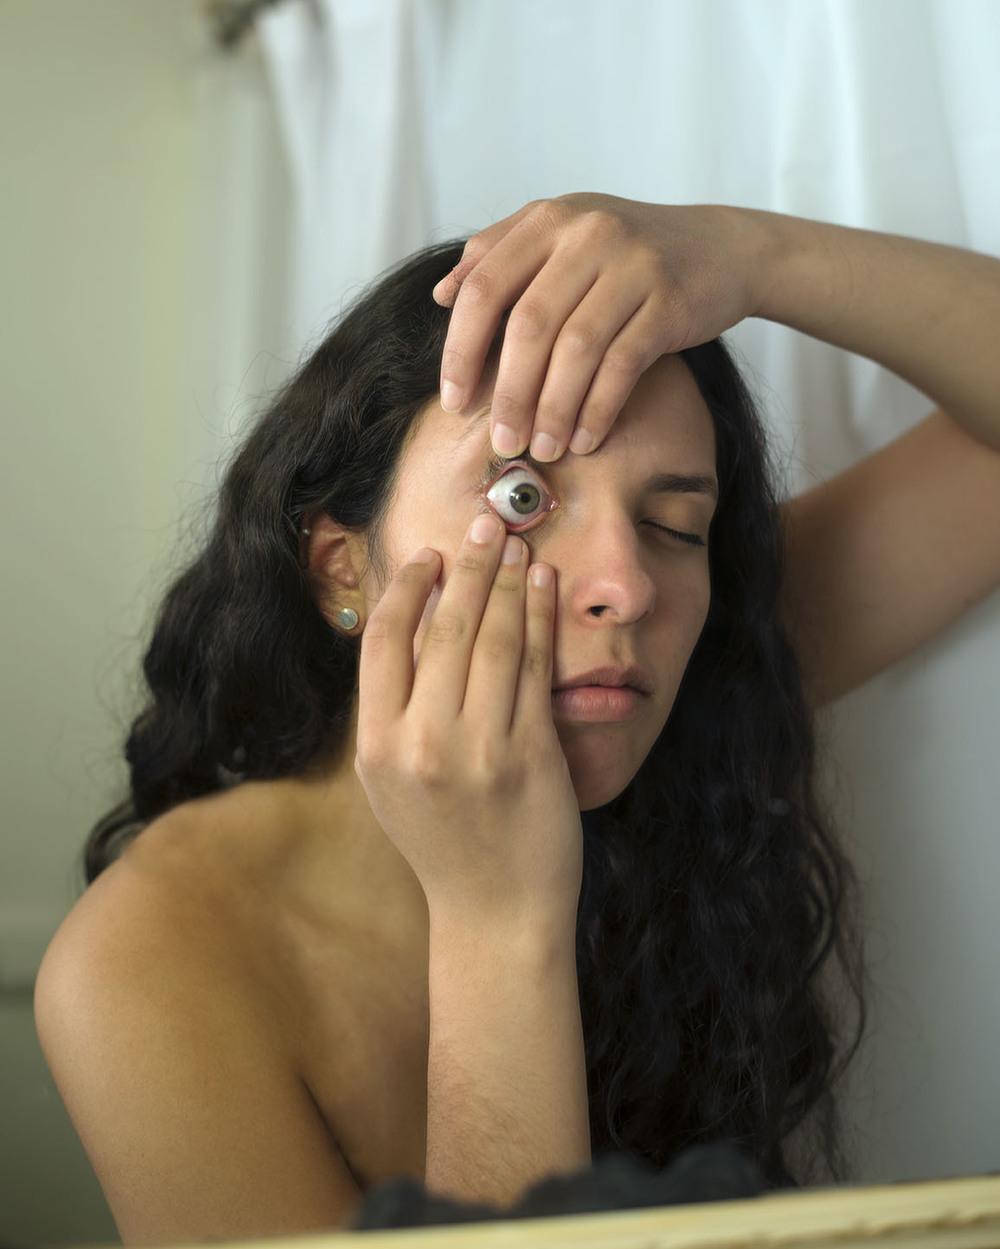 Eye in mirror.jpg